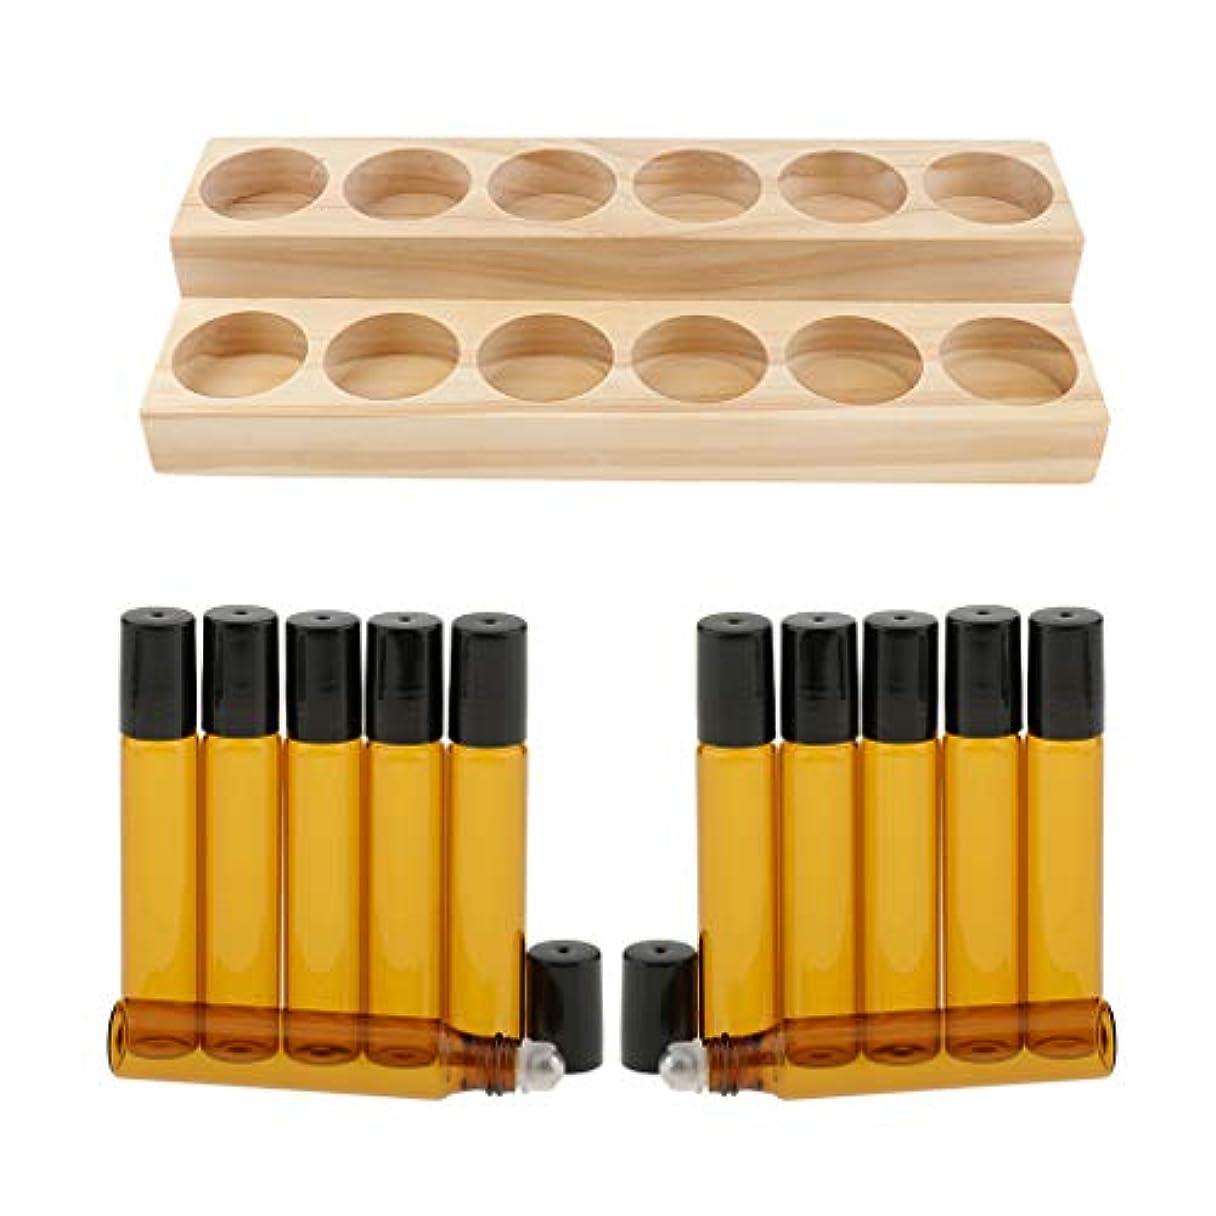 消える彫るふりをする収納ラック オーガナイザー 木製スタンド エッセンシャルオイル 精油 香水 展示 12個ガラス瓶付